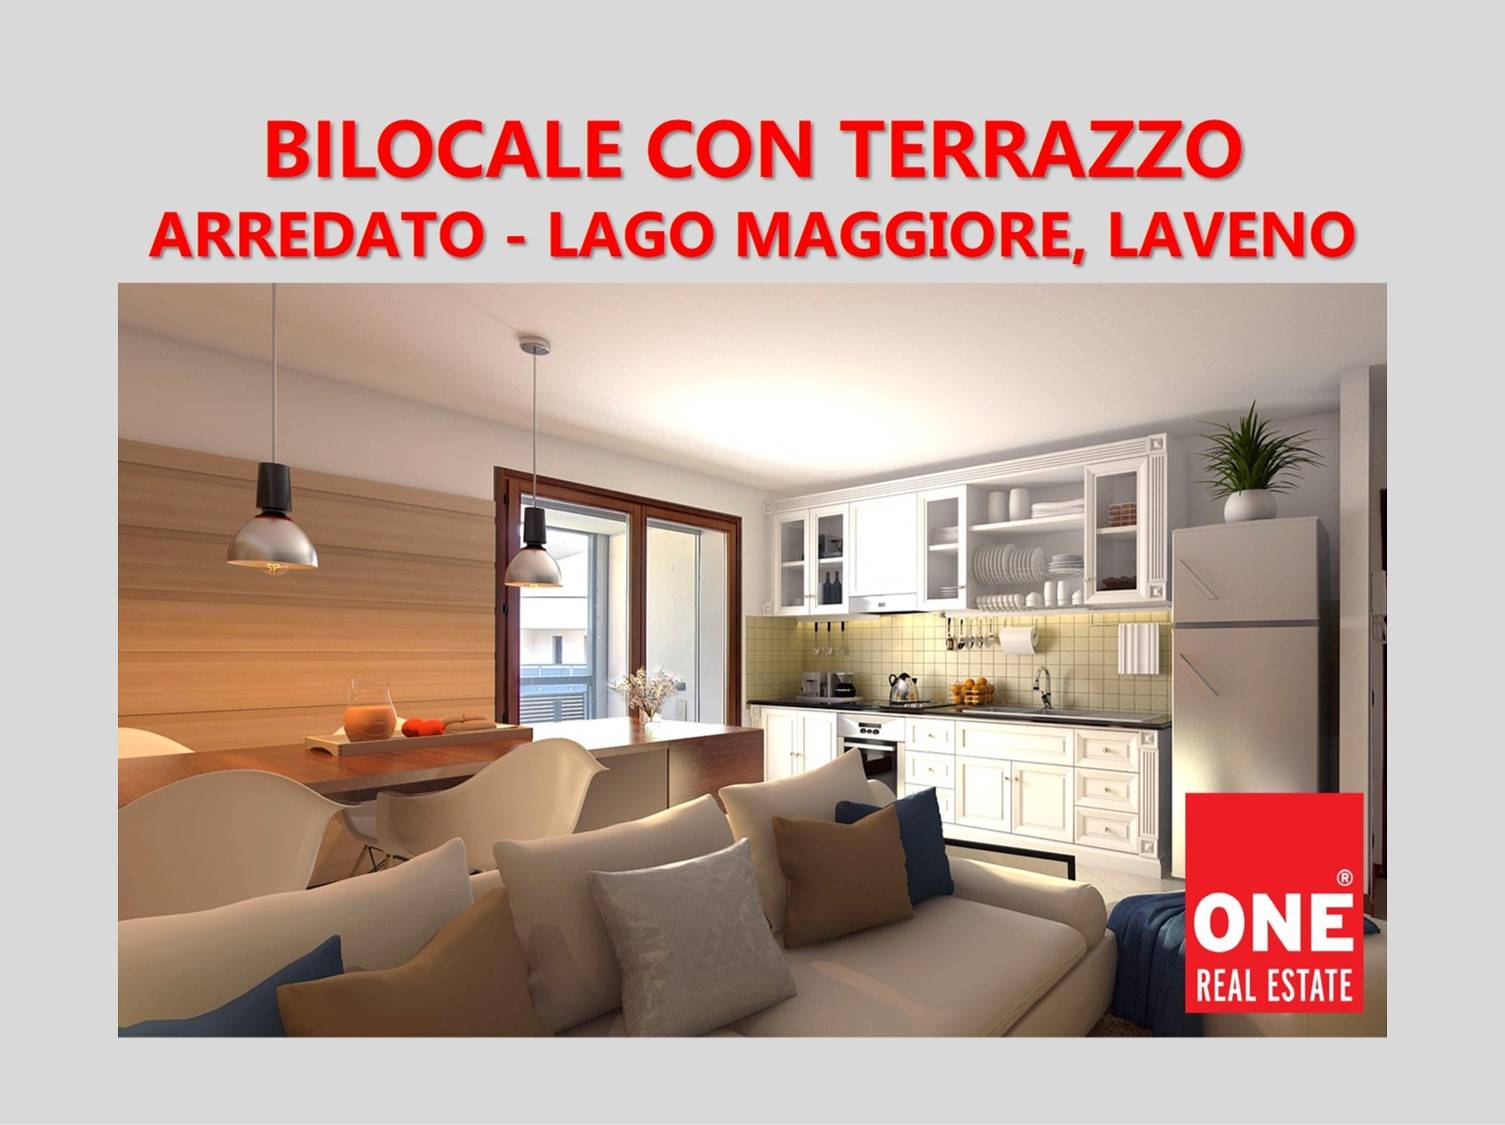 Appartamento in vendita a Laveno-Mombello, 2 locali, zona Località: LAVENO, prezzo € 150.000   PortaleAgenzieImmobiliari.it